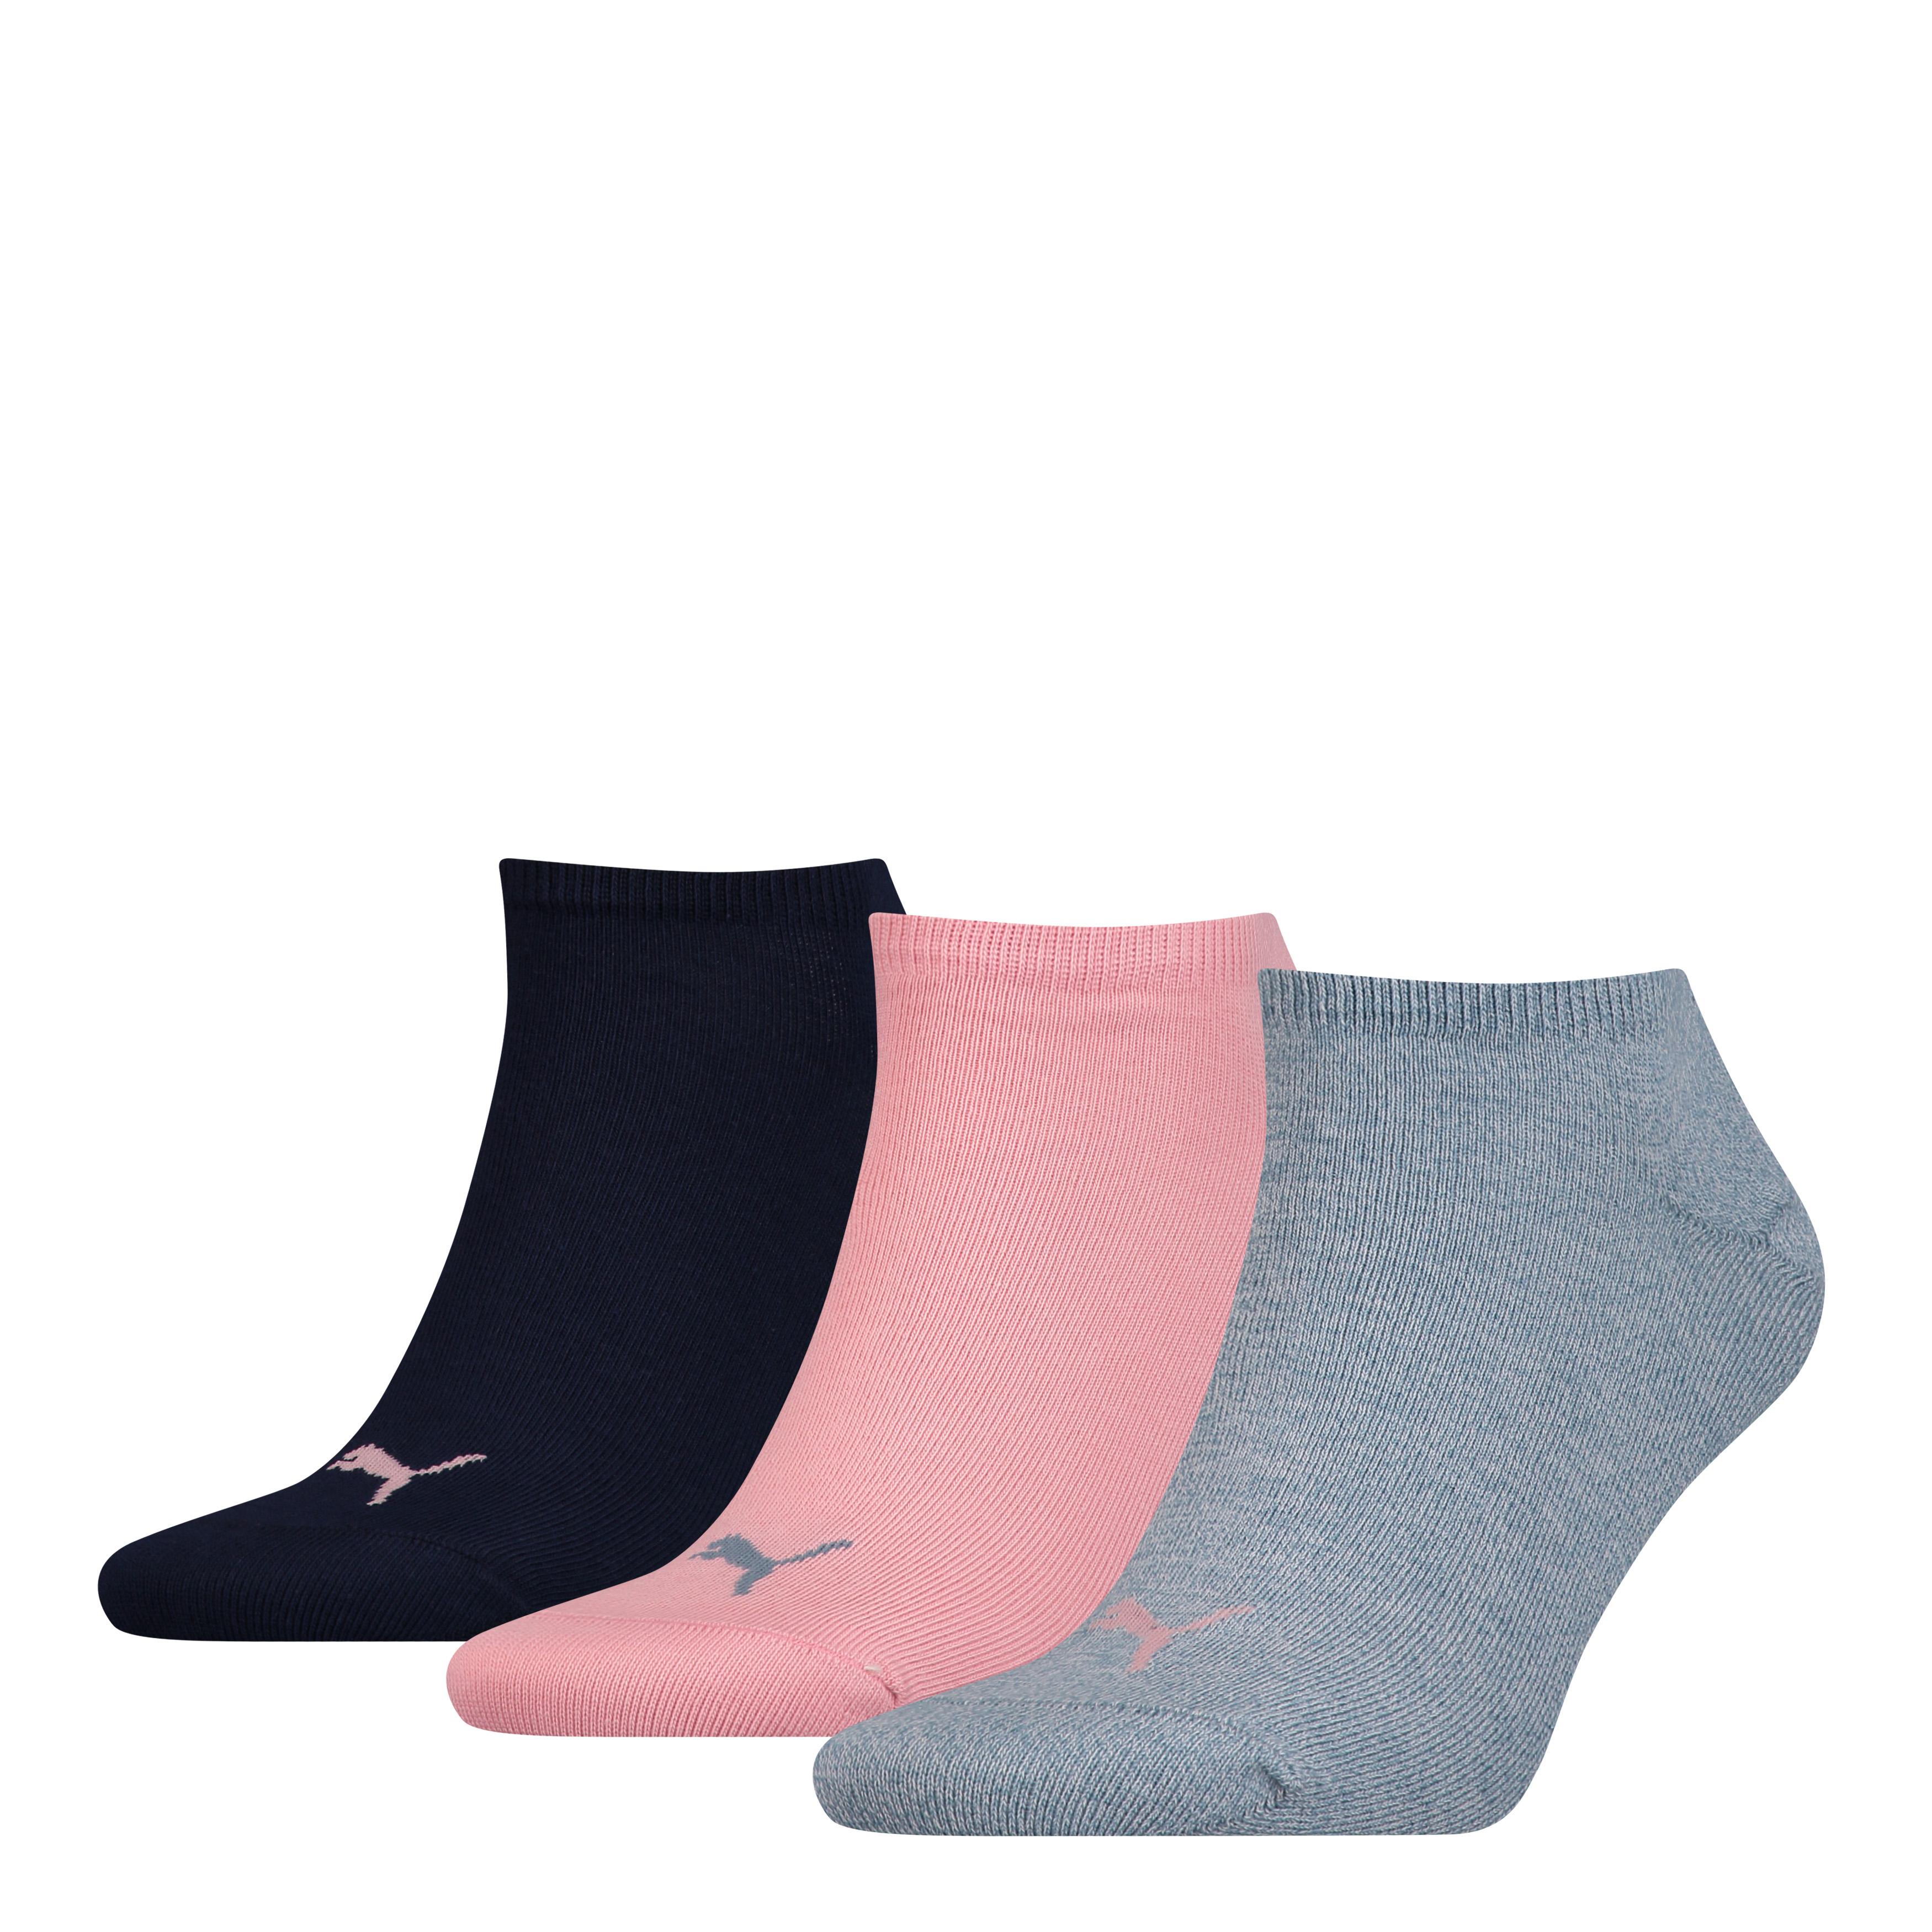 Puma sokken sneaker plain Blue Light 3-pack-39/42